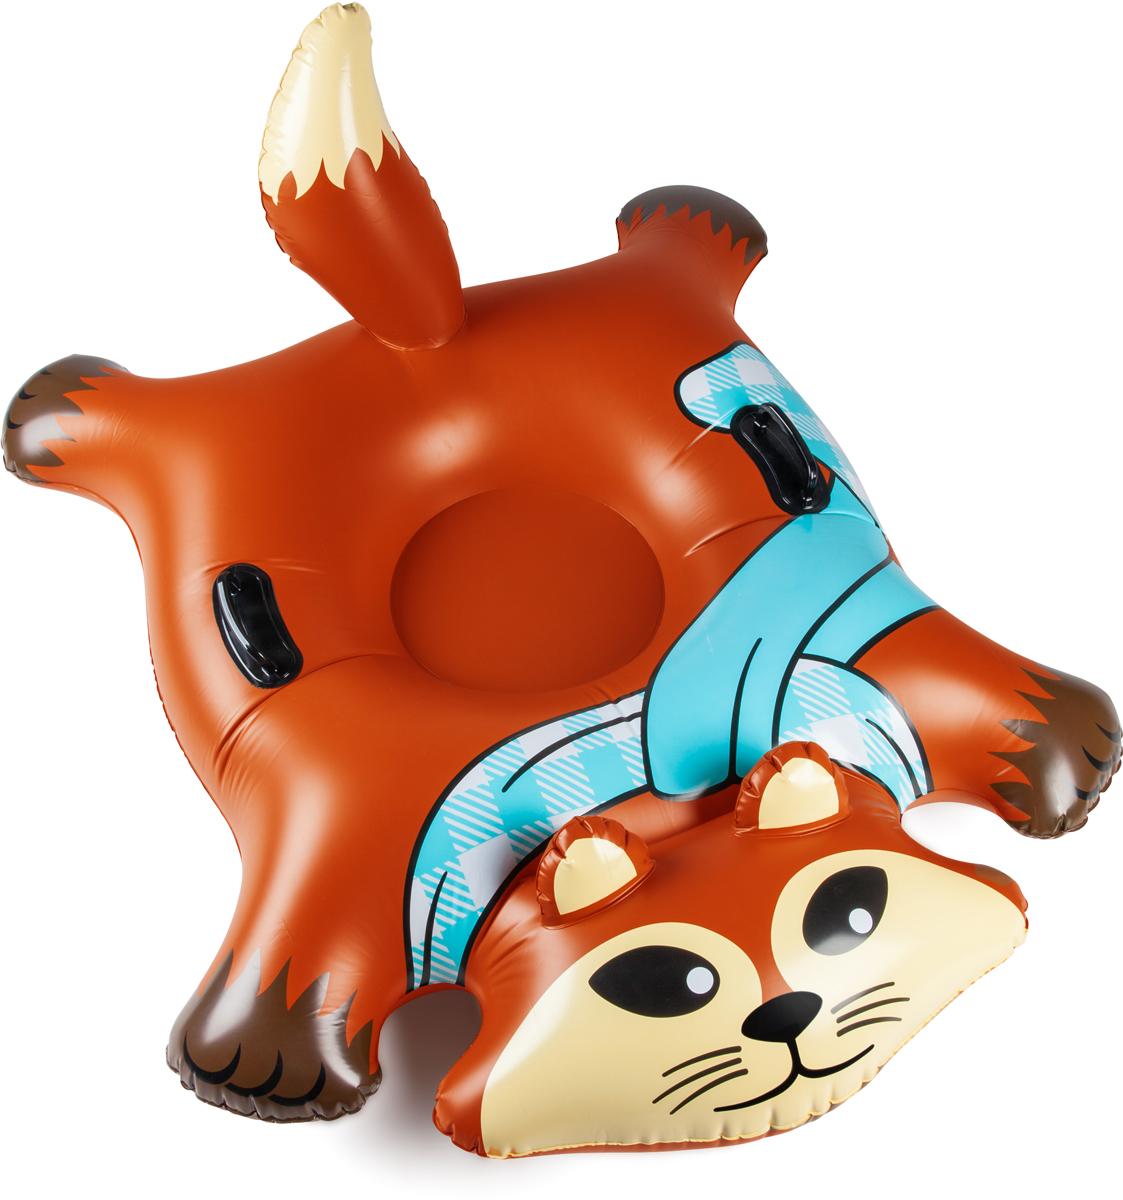 Тюбинг надувной BigMouth Flying Fox, цвет: мультиколор, диаметр 100 смBMST-0009Виниловый тюбинг в форме лисы для зимнего катания с горки.Тюбинг имеет яркую расцветку и оригинальный дизайн. Изделие выполнено из высокопрочного винила soft touch, что делает его не только долговечным, но и комфортным в использовании. Усиленная проклейка швов и крепление деталей не позволит тюбингу порваться даже при использовании на сильно обледеневших поверхностях. Для удобства катания модель дополнена специальными ручками.Яркий и стильный тюбинг выделит своего владельца среди всех отдыхающих на склоне. Нестандартный дизайн добавит удовольствия катанию и не позволит потерять свой транспорт в суматохе после спуска. Тюбинг станет идеальным подарком как для ребенка, так и для взрослого. С таким ярким спутником зимние дни пролетят весело и беззаботно.